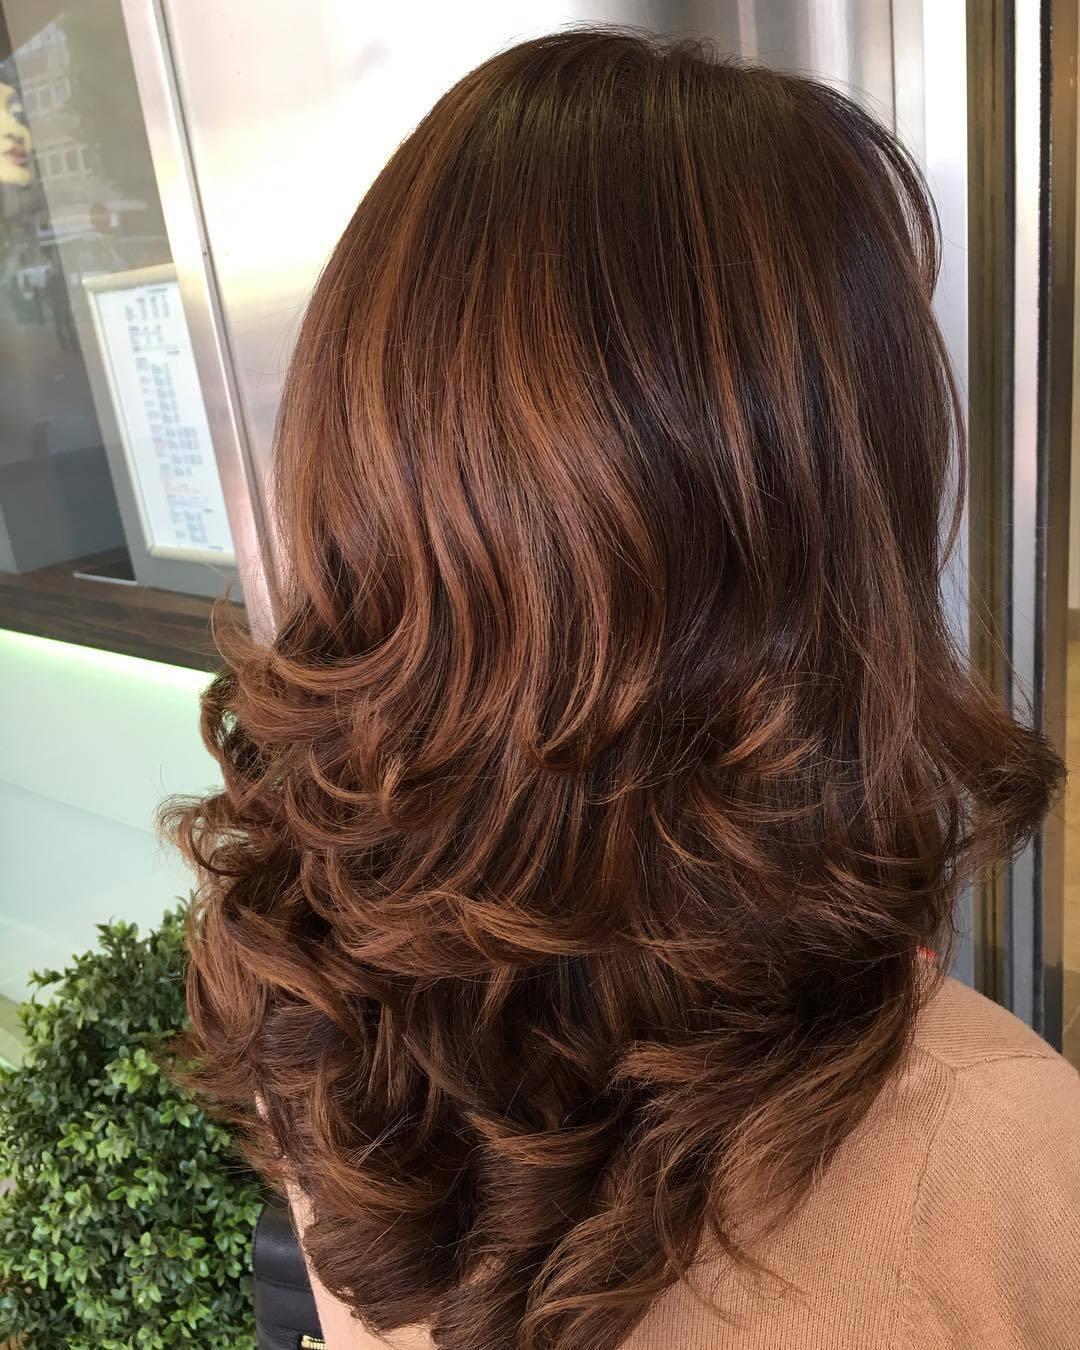 Femme aux cheveux châtains, coiffée dans un brushing